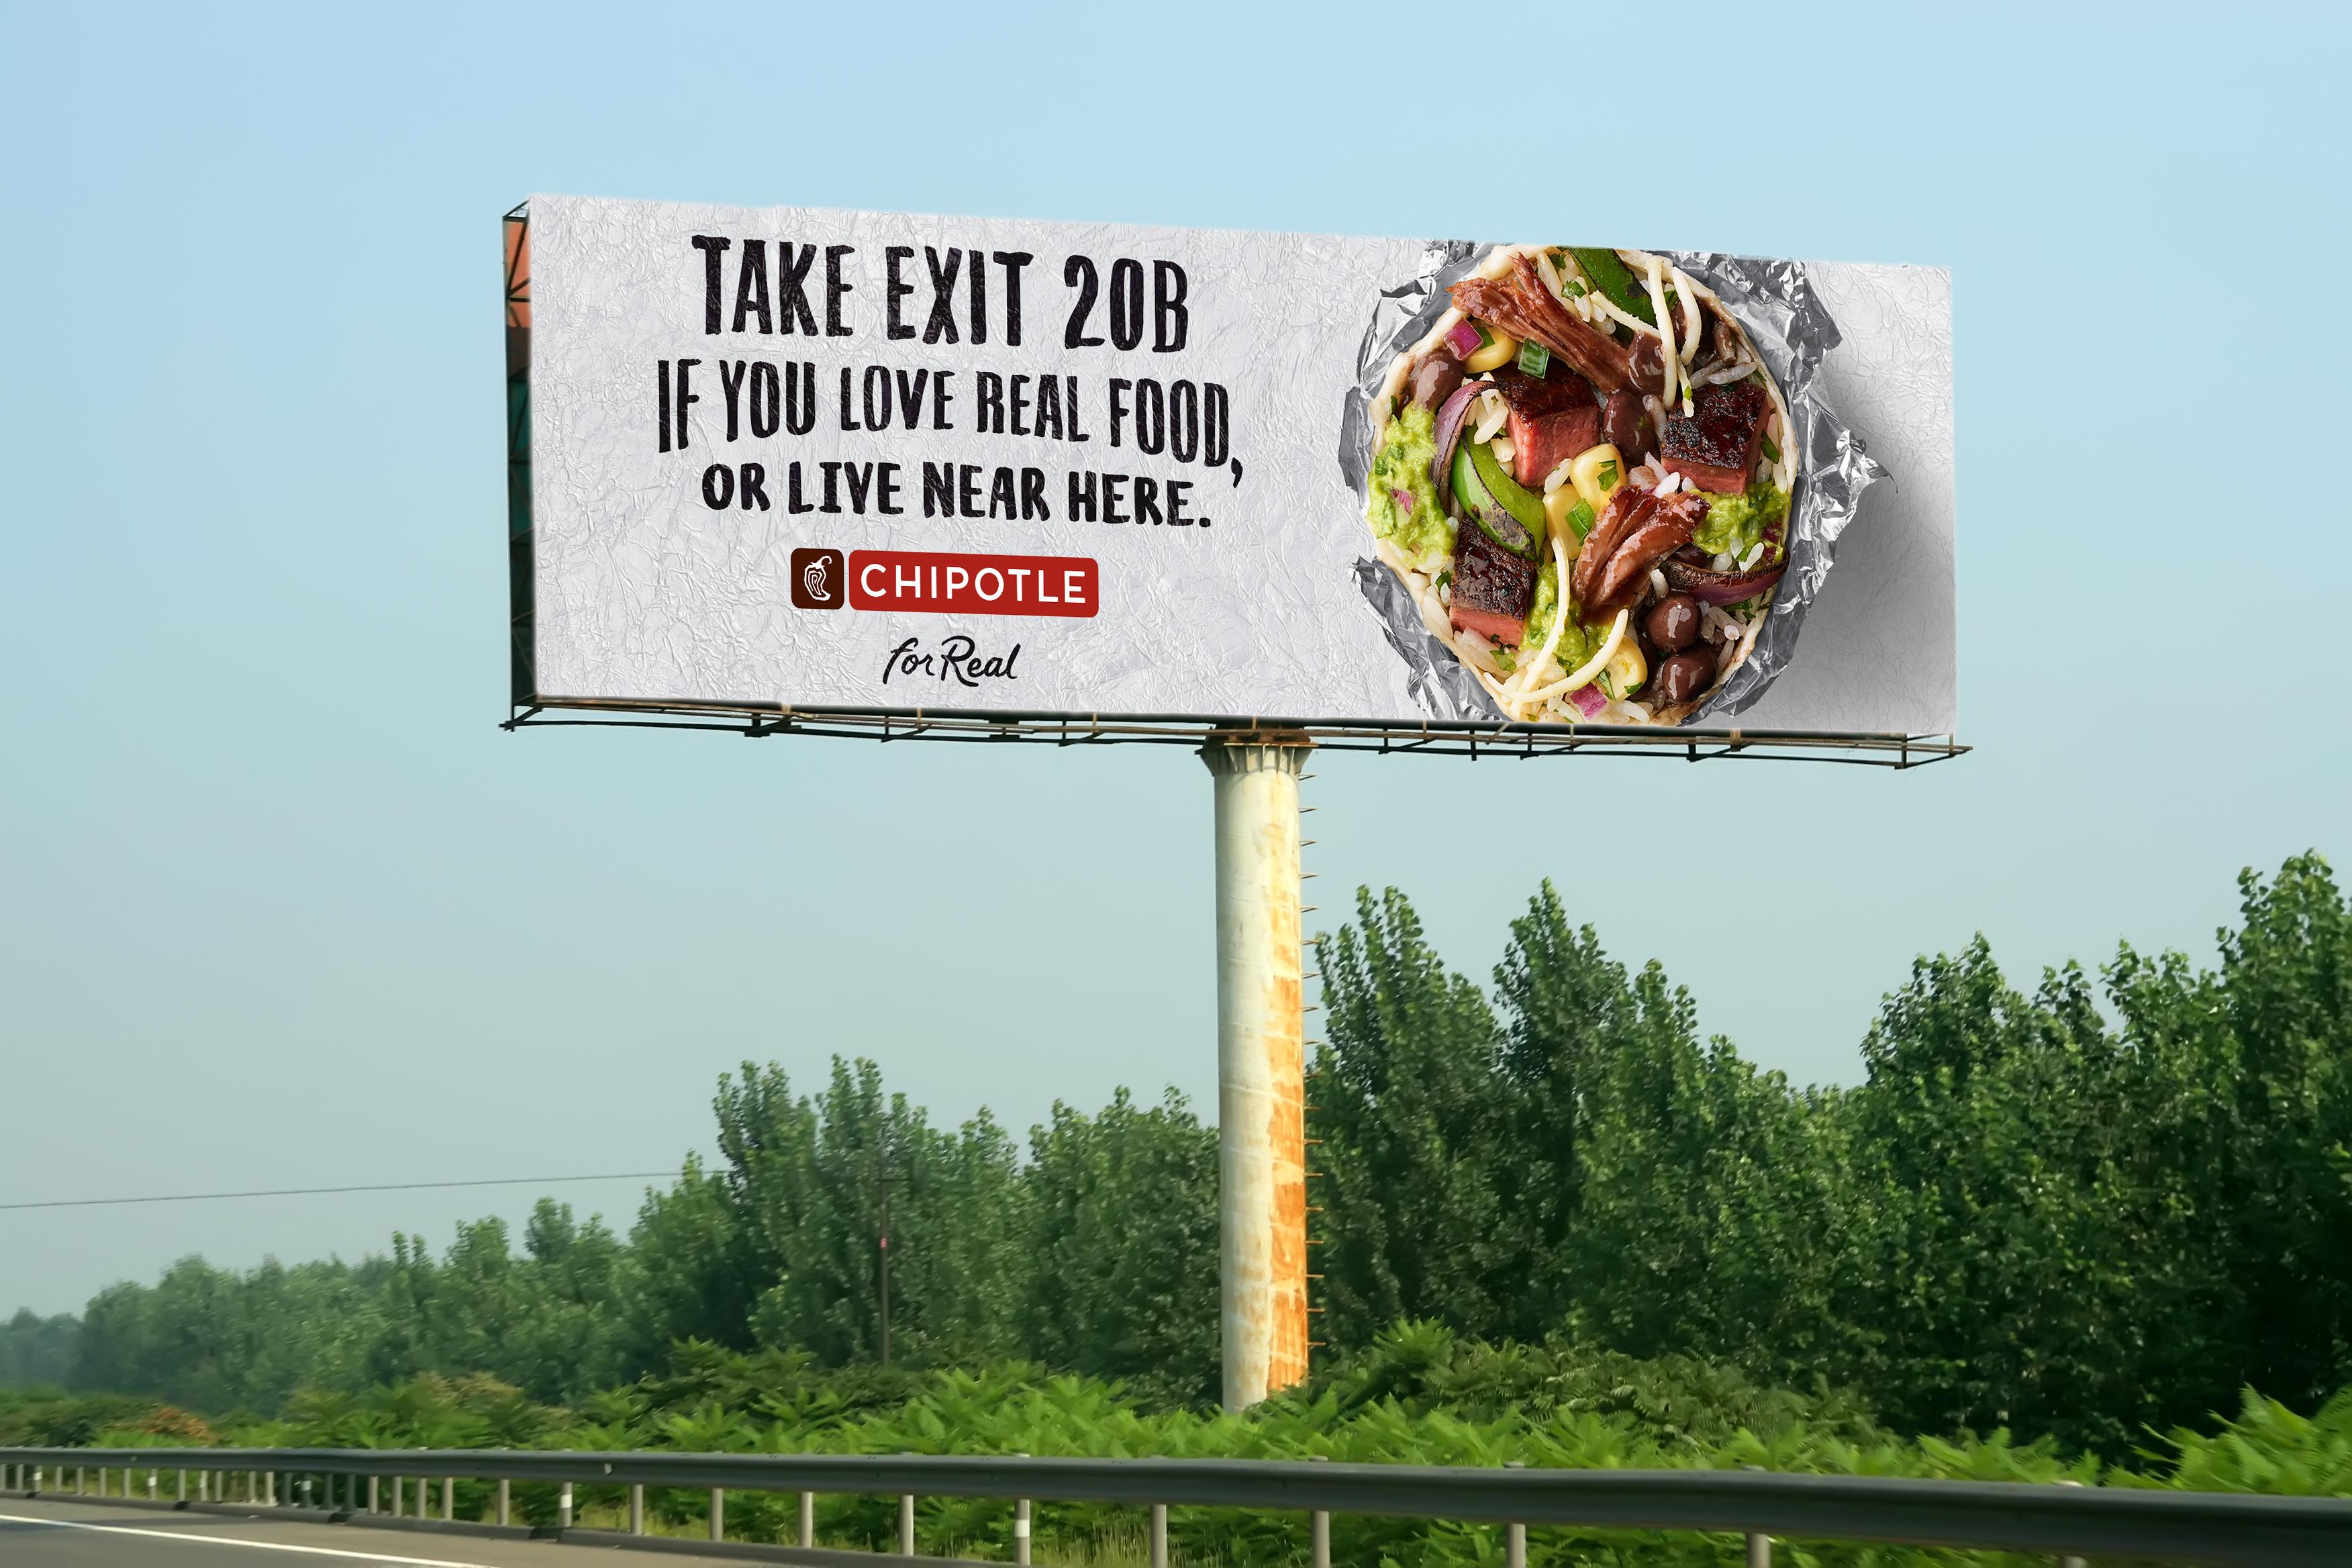 Chipotle_FR_InSitu_billboard_14x48_HwyTr